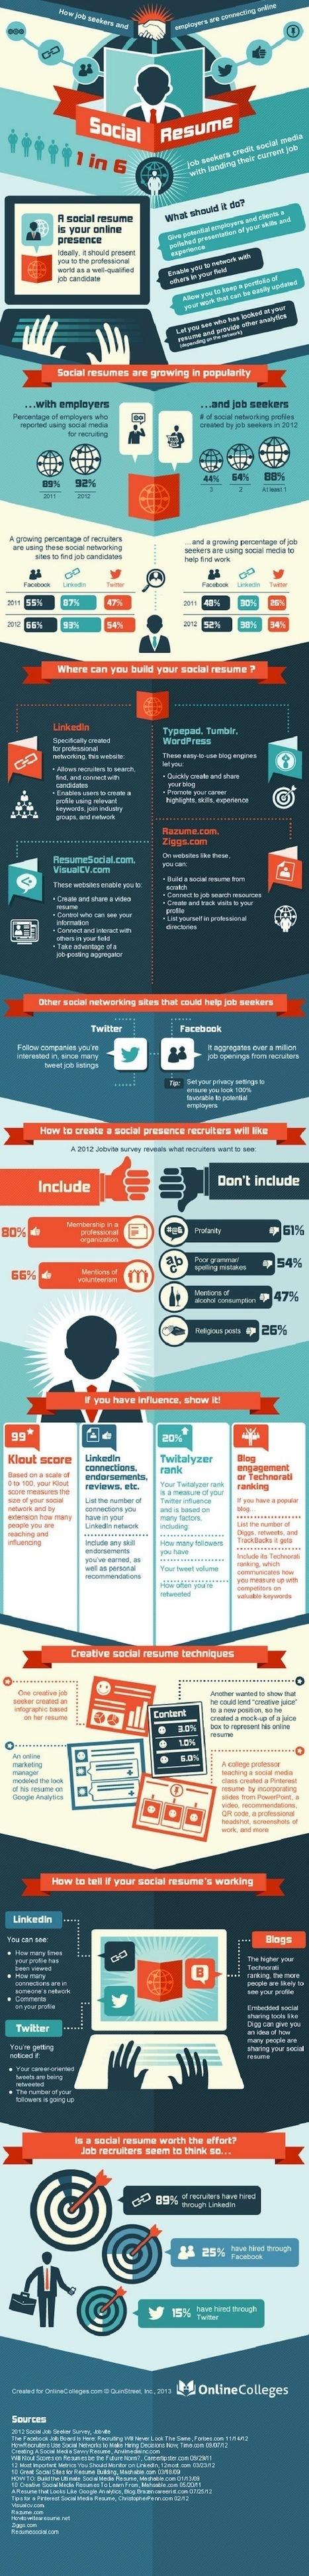 [Infographie] Les réseaux sociaux comme job-board 2.0 | Méthodes et documentation Bachelor | Scoop.it